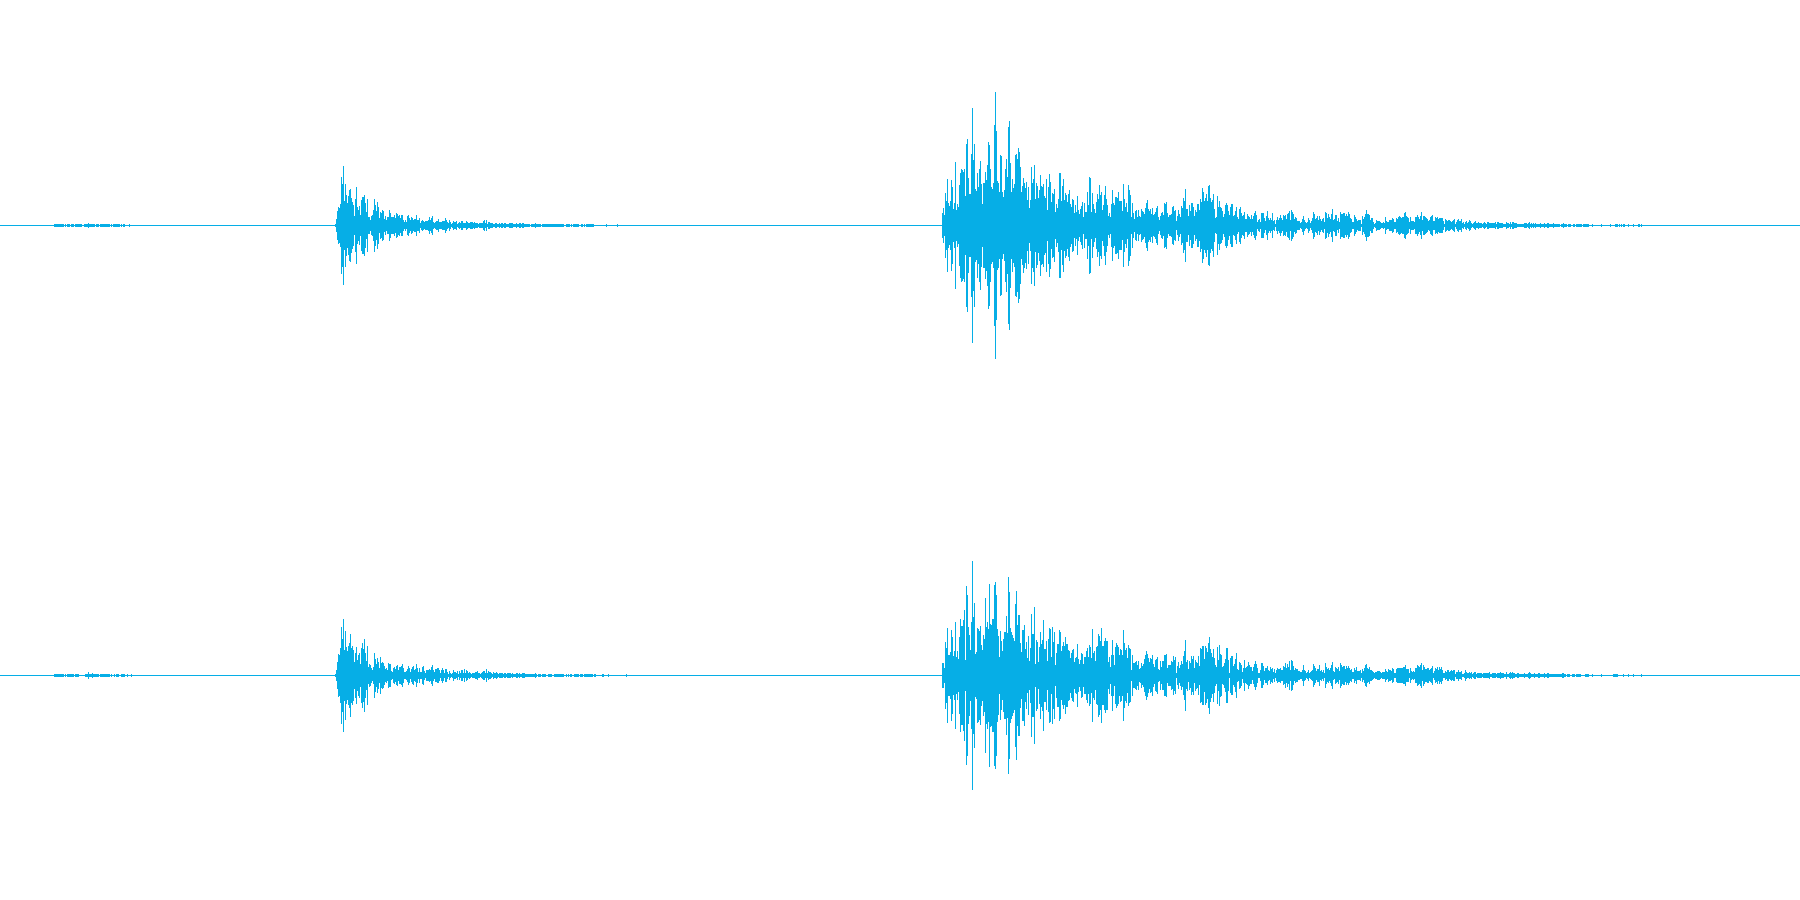 【生録音】弁当・惣菜パックの音14 カラの再生済みの波形